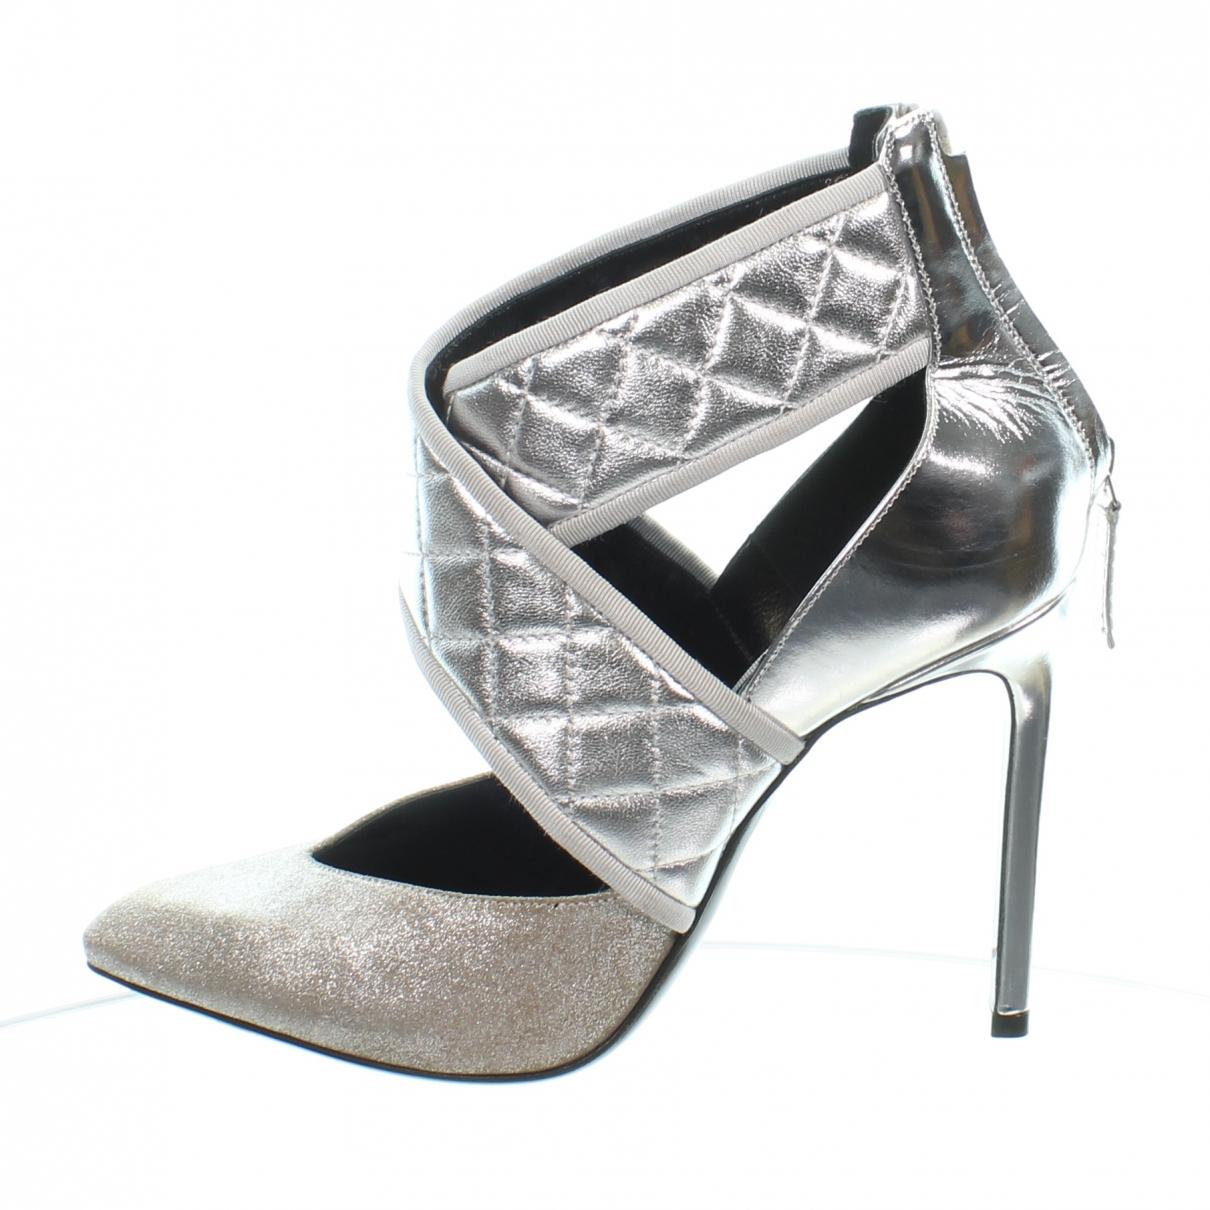 Lanvin \N Silver Leather Heels for Women 39 EU